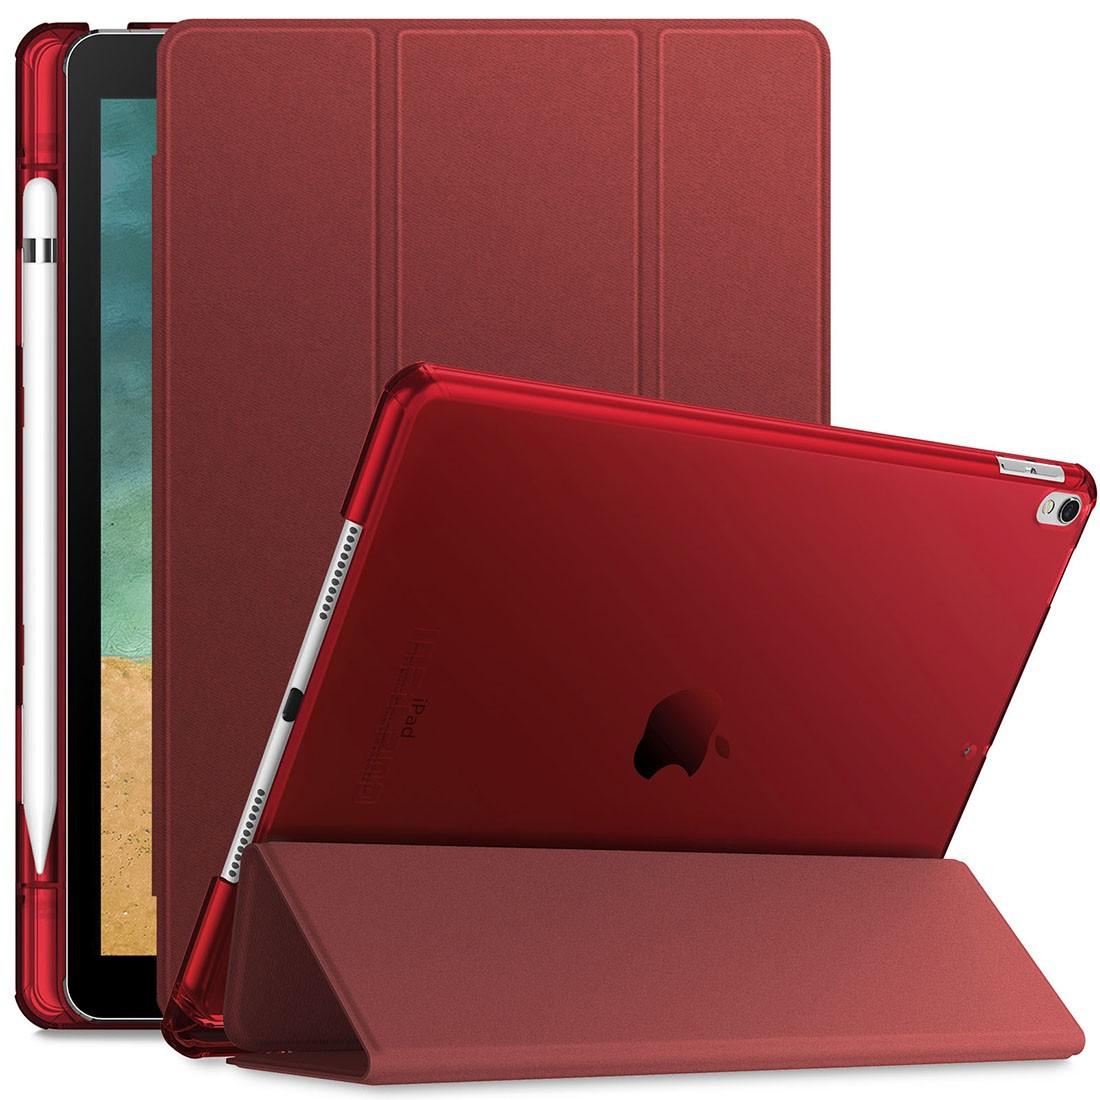 Capa Transparente Series iPad Air 10.5 pol 2019 3ª Geração com Suporte Para Caneta A2152 e A2123